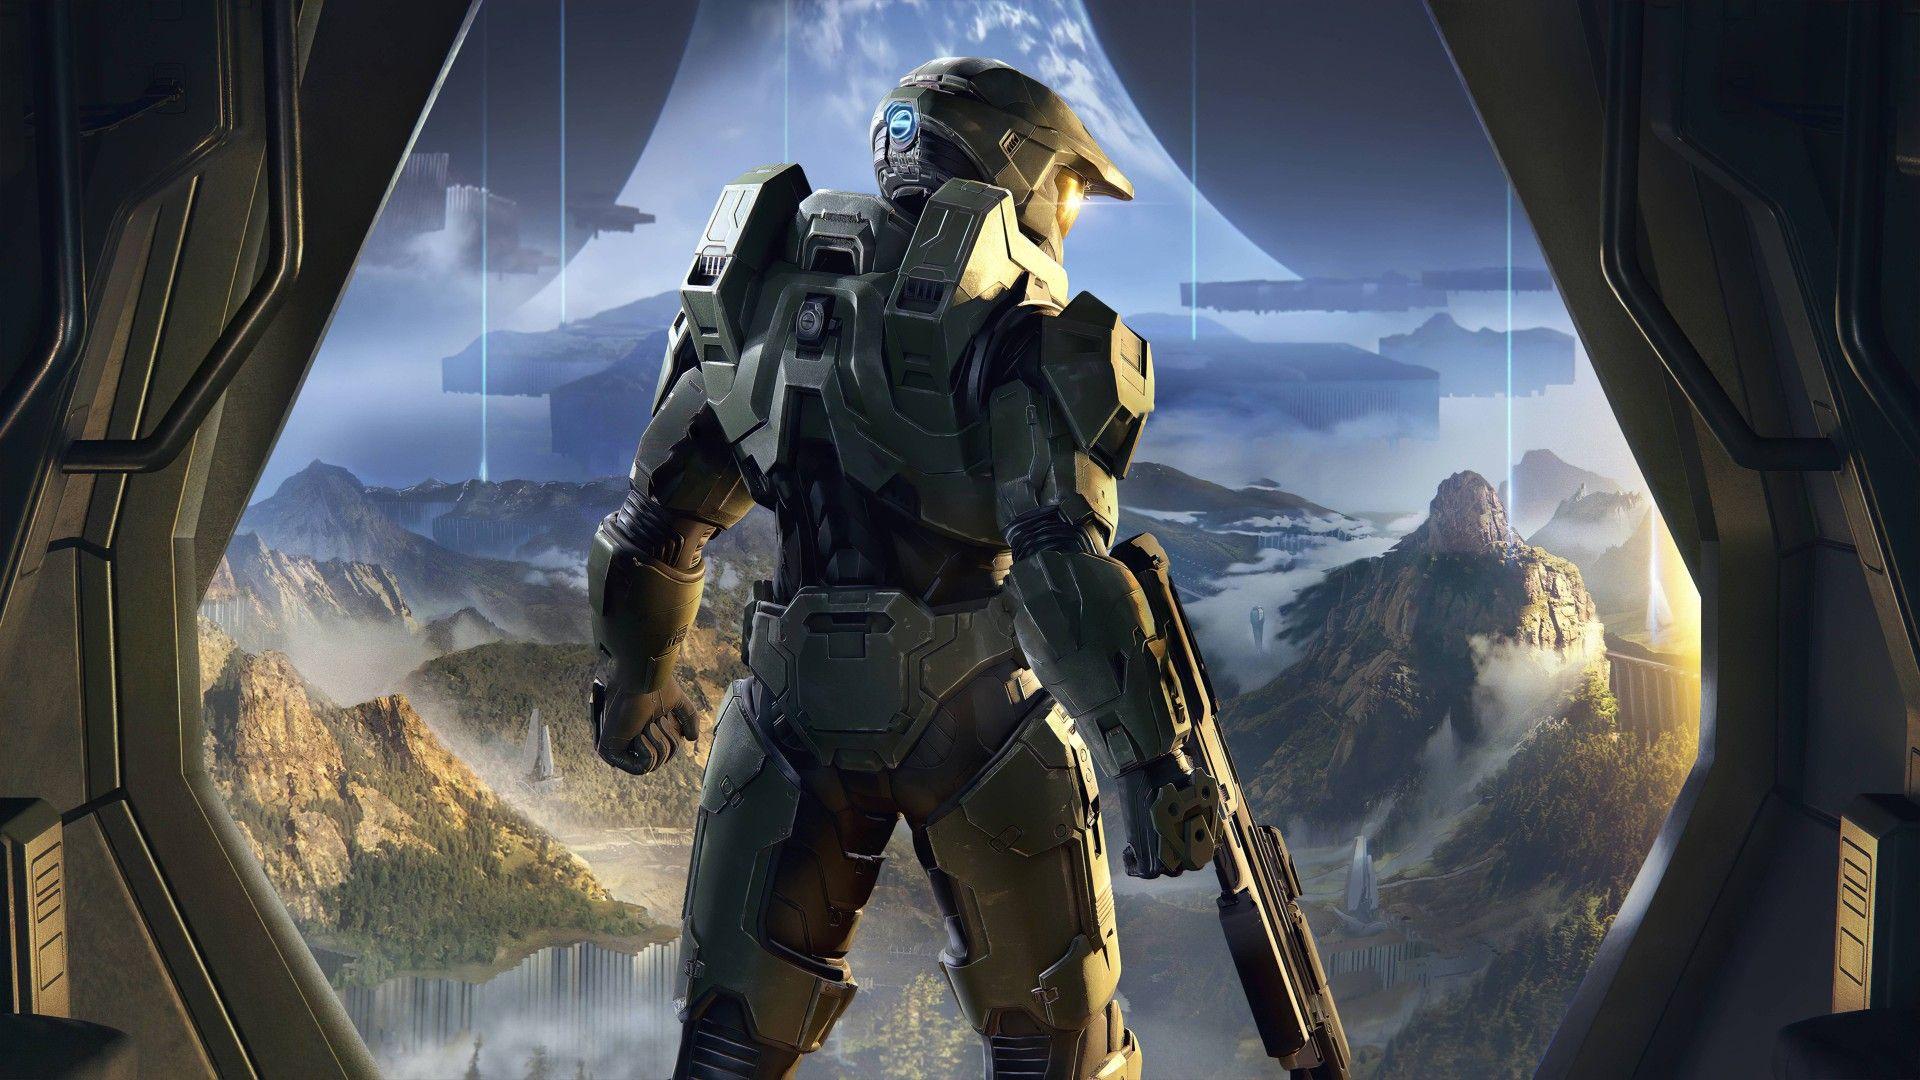 Сюжет Halo Infinite утек всеть. Разработчики просят неспойлерить игру